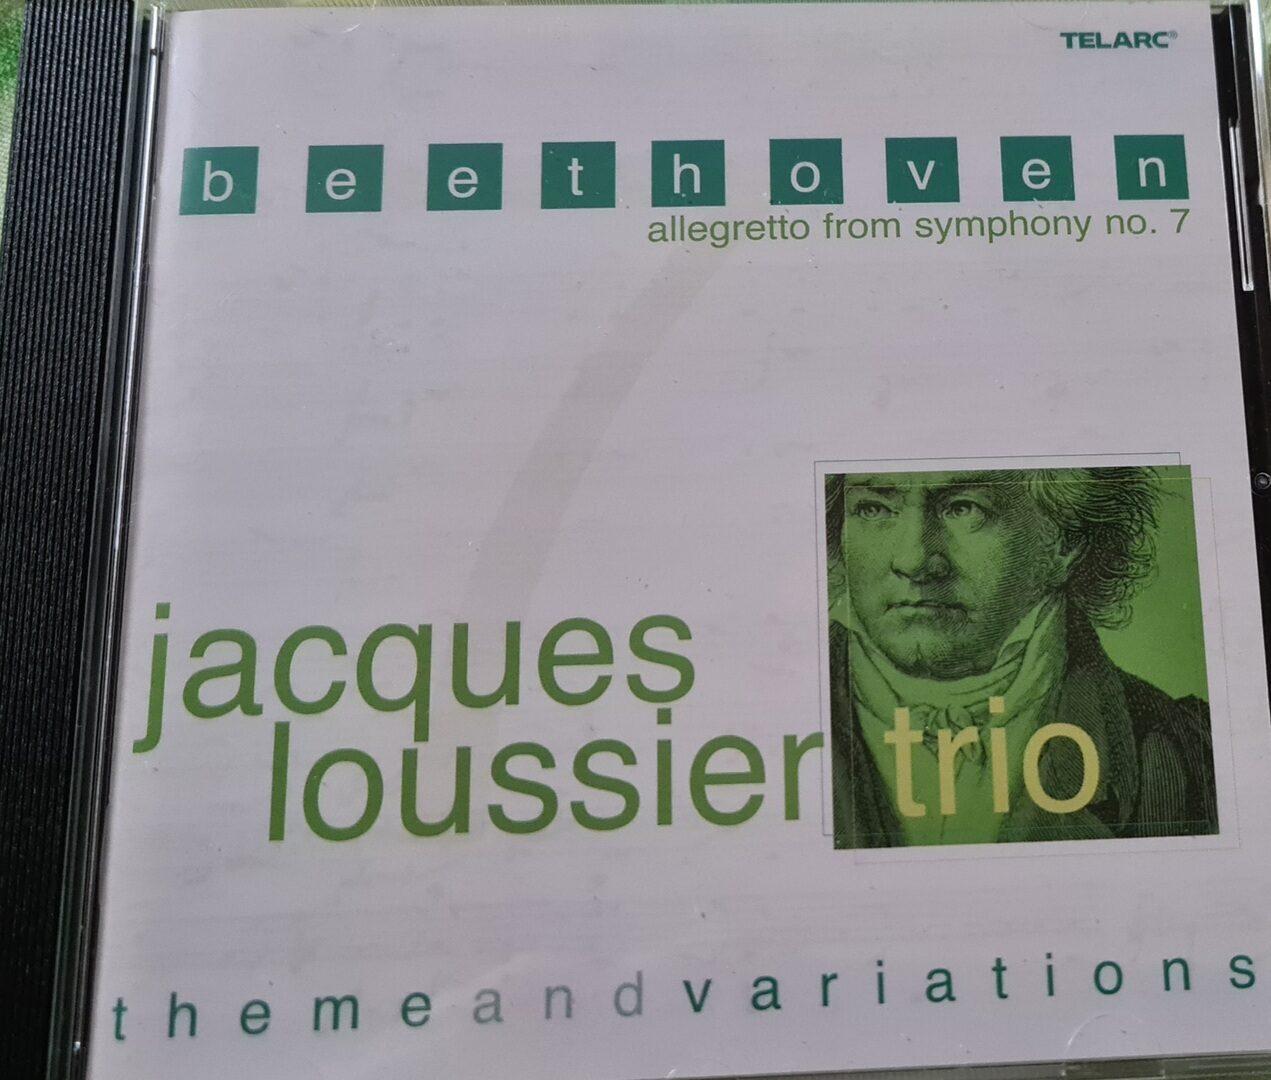 И вновь Жак Лусье...